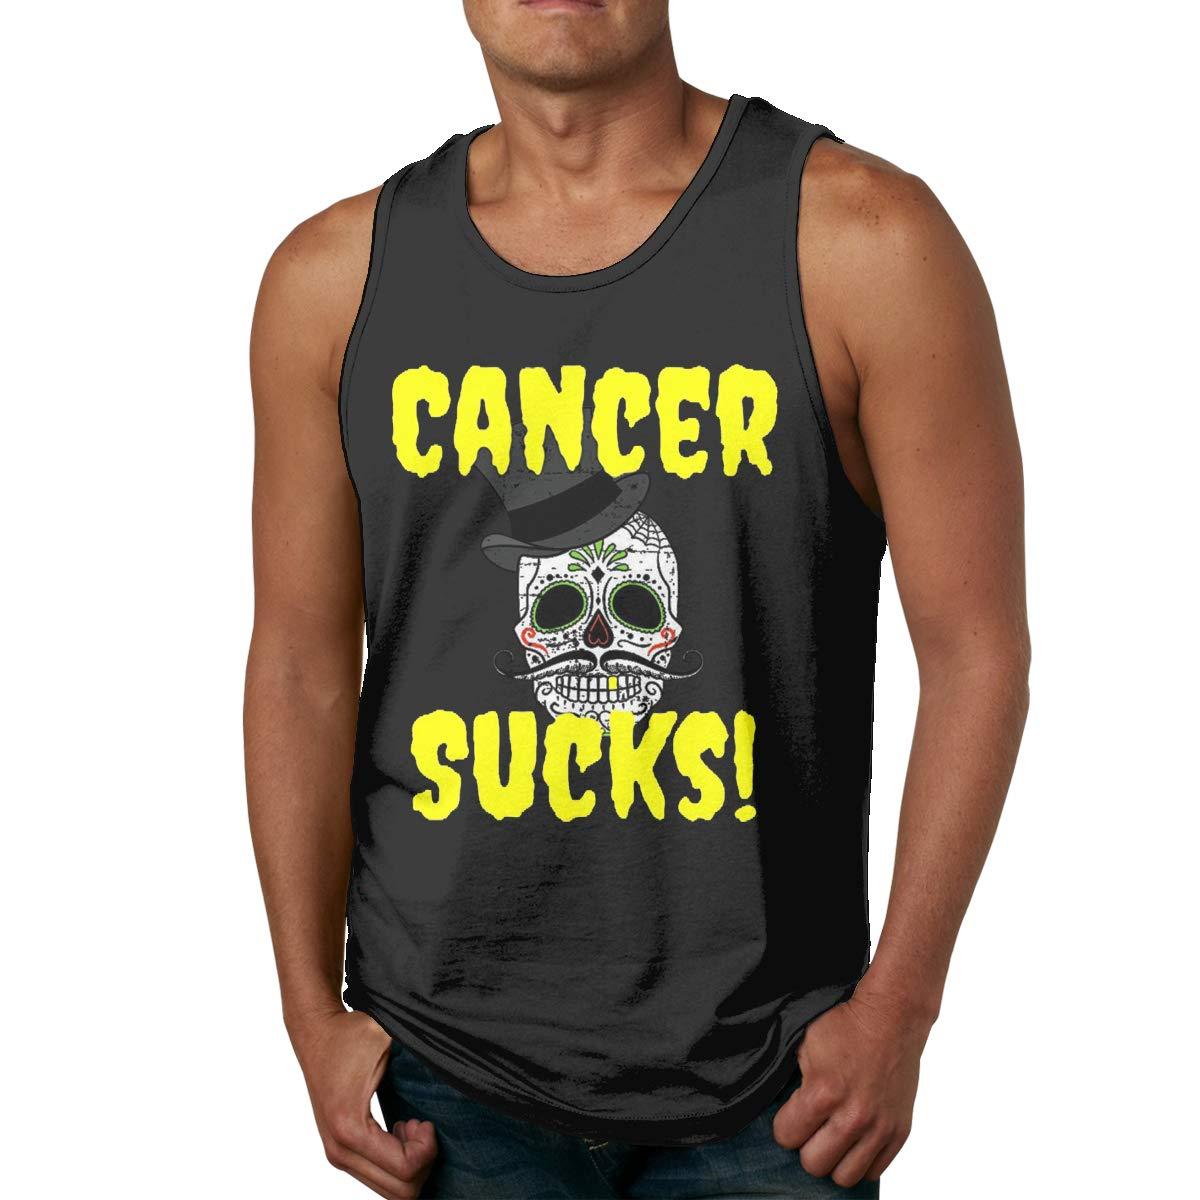 Vanmass Cancer Sucks8 Sleeveless Tank Top T Shirt 7156